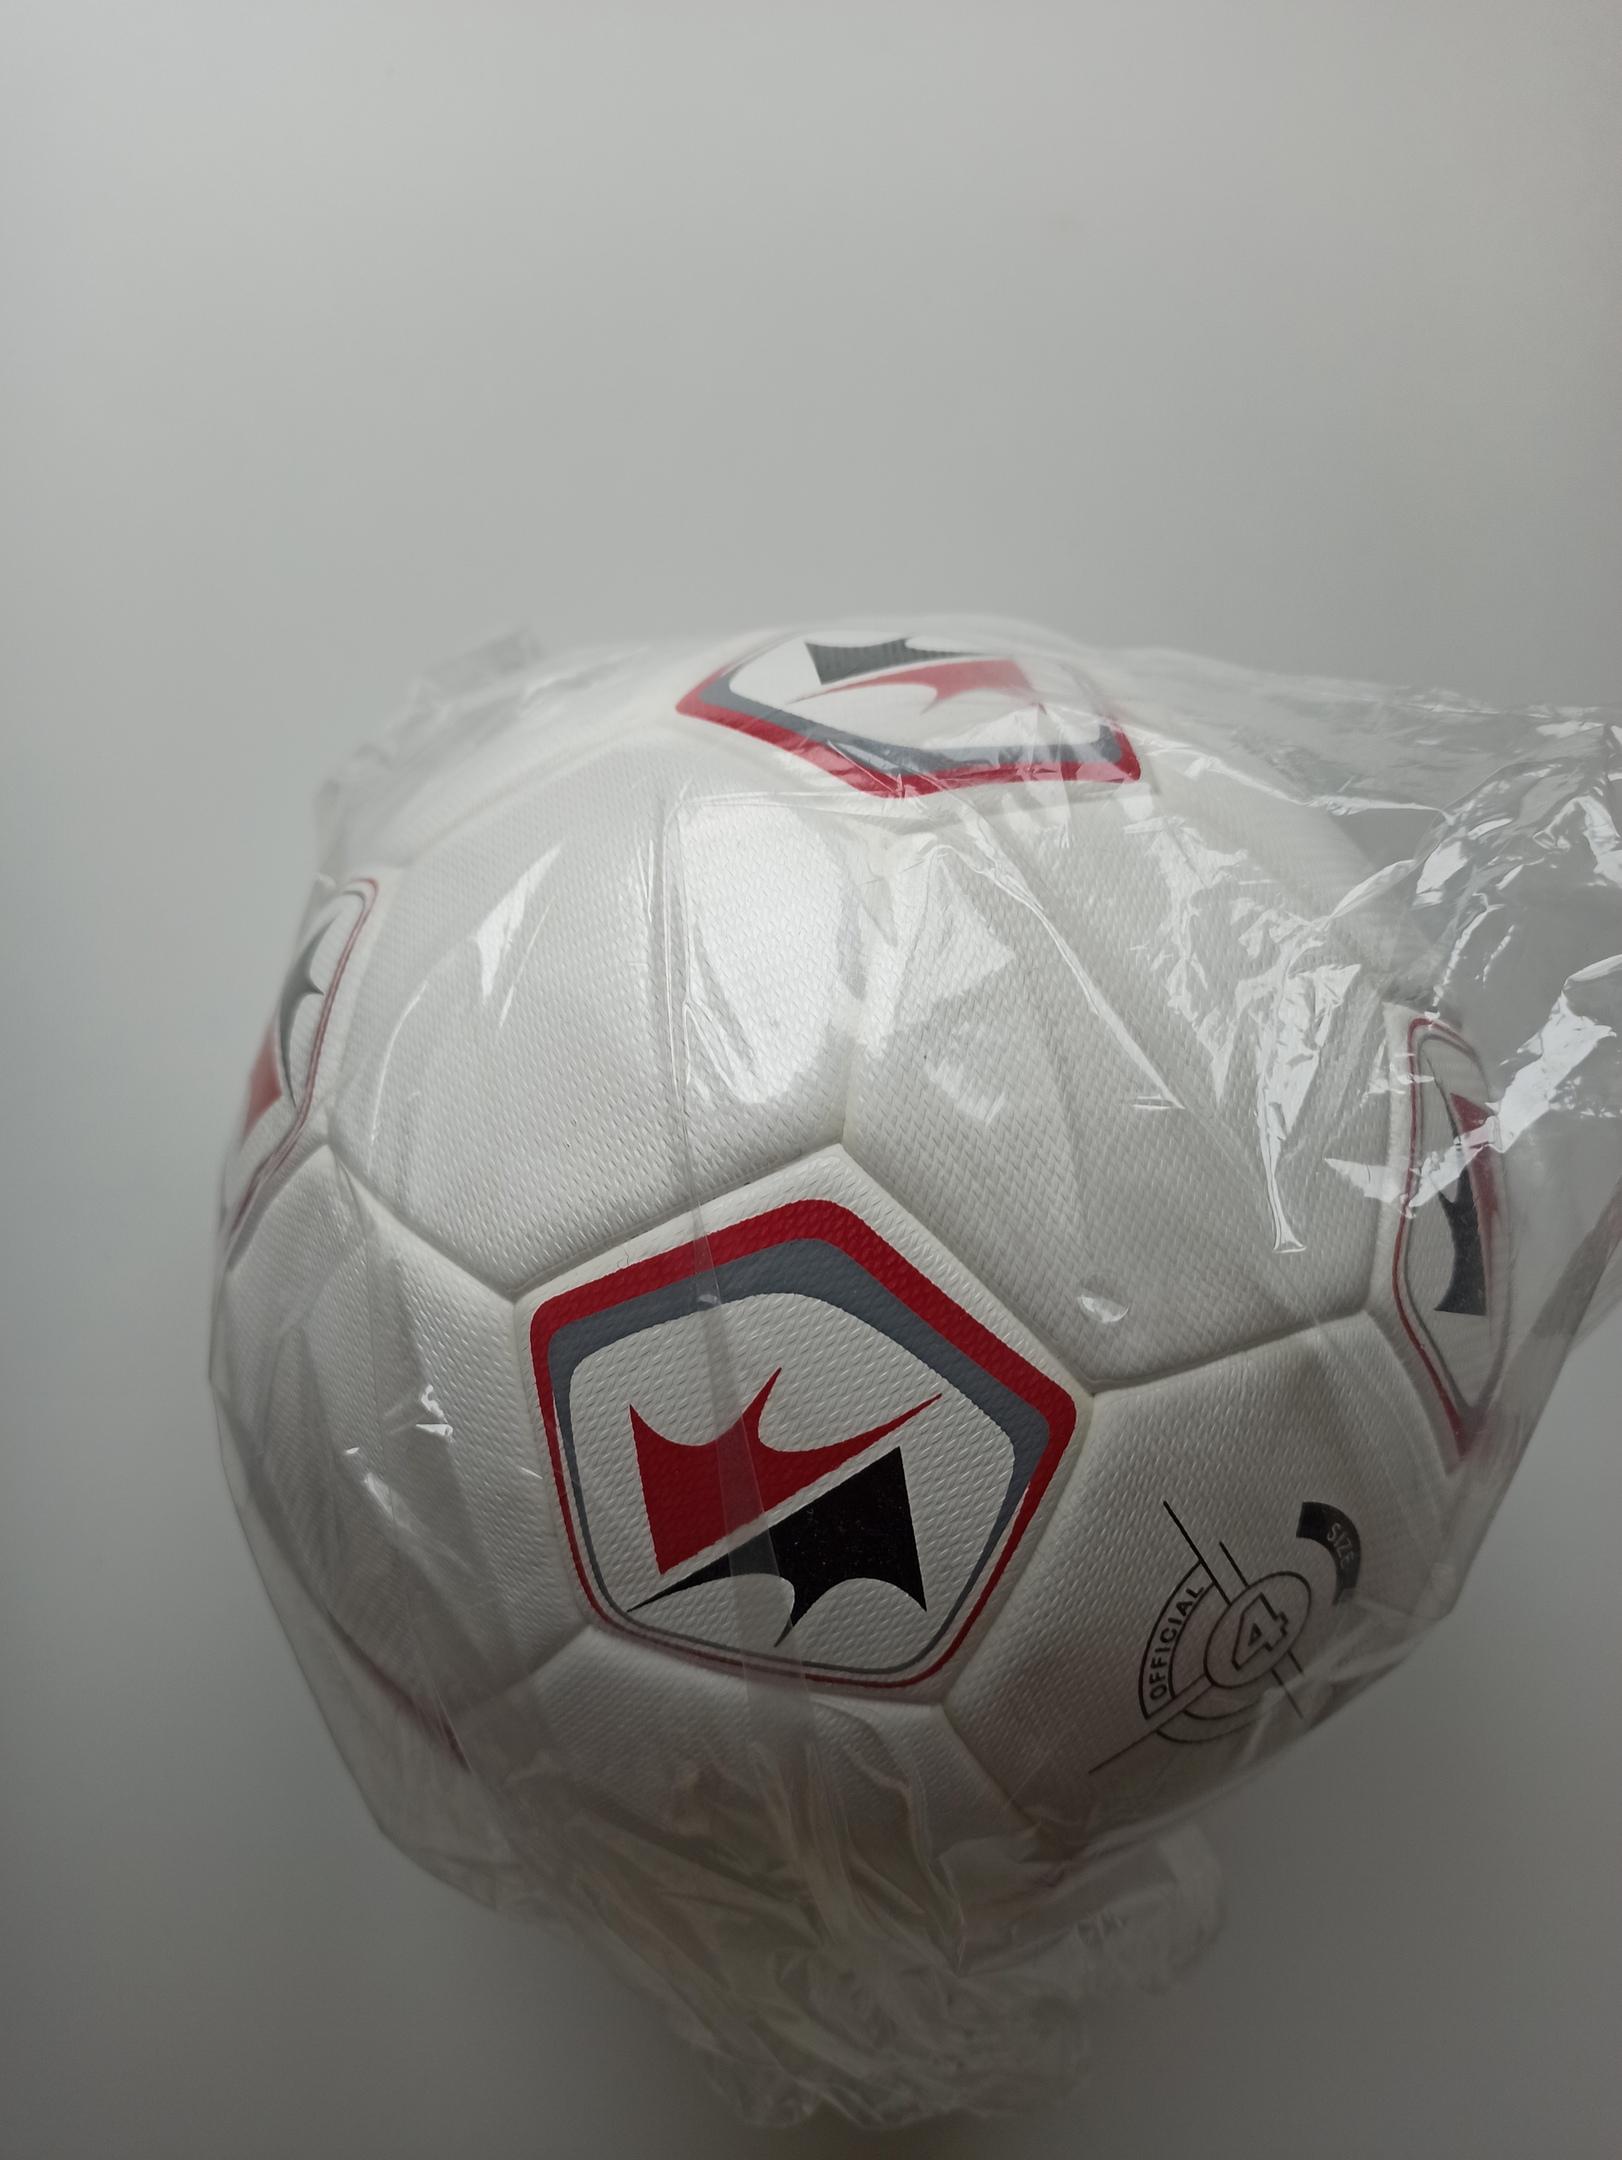 купить мяч для футбола онлайн в самаре интернет магазин с доставкой по россии